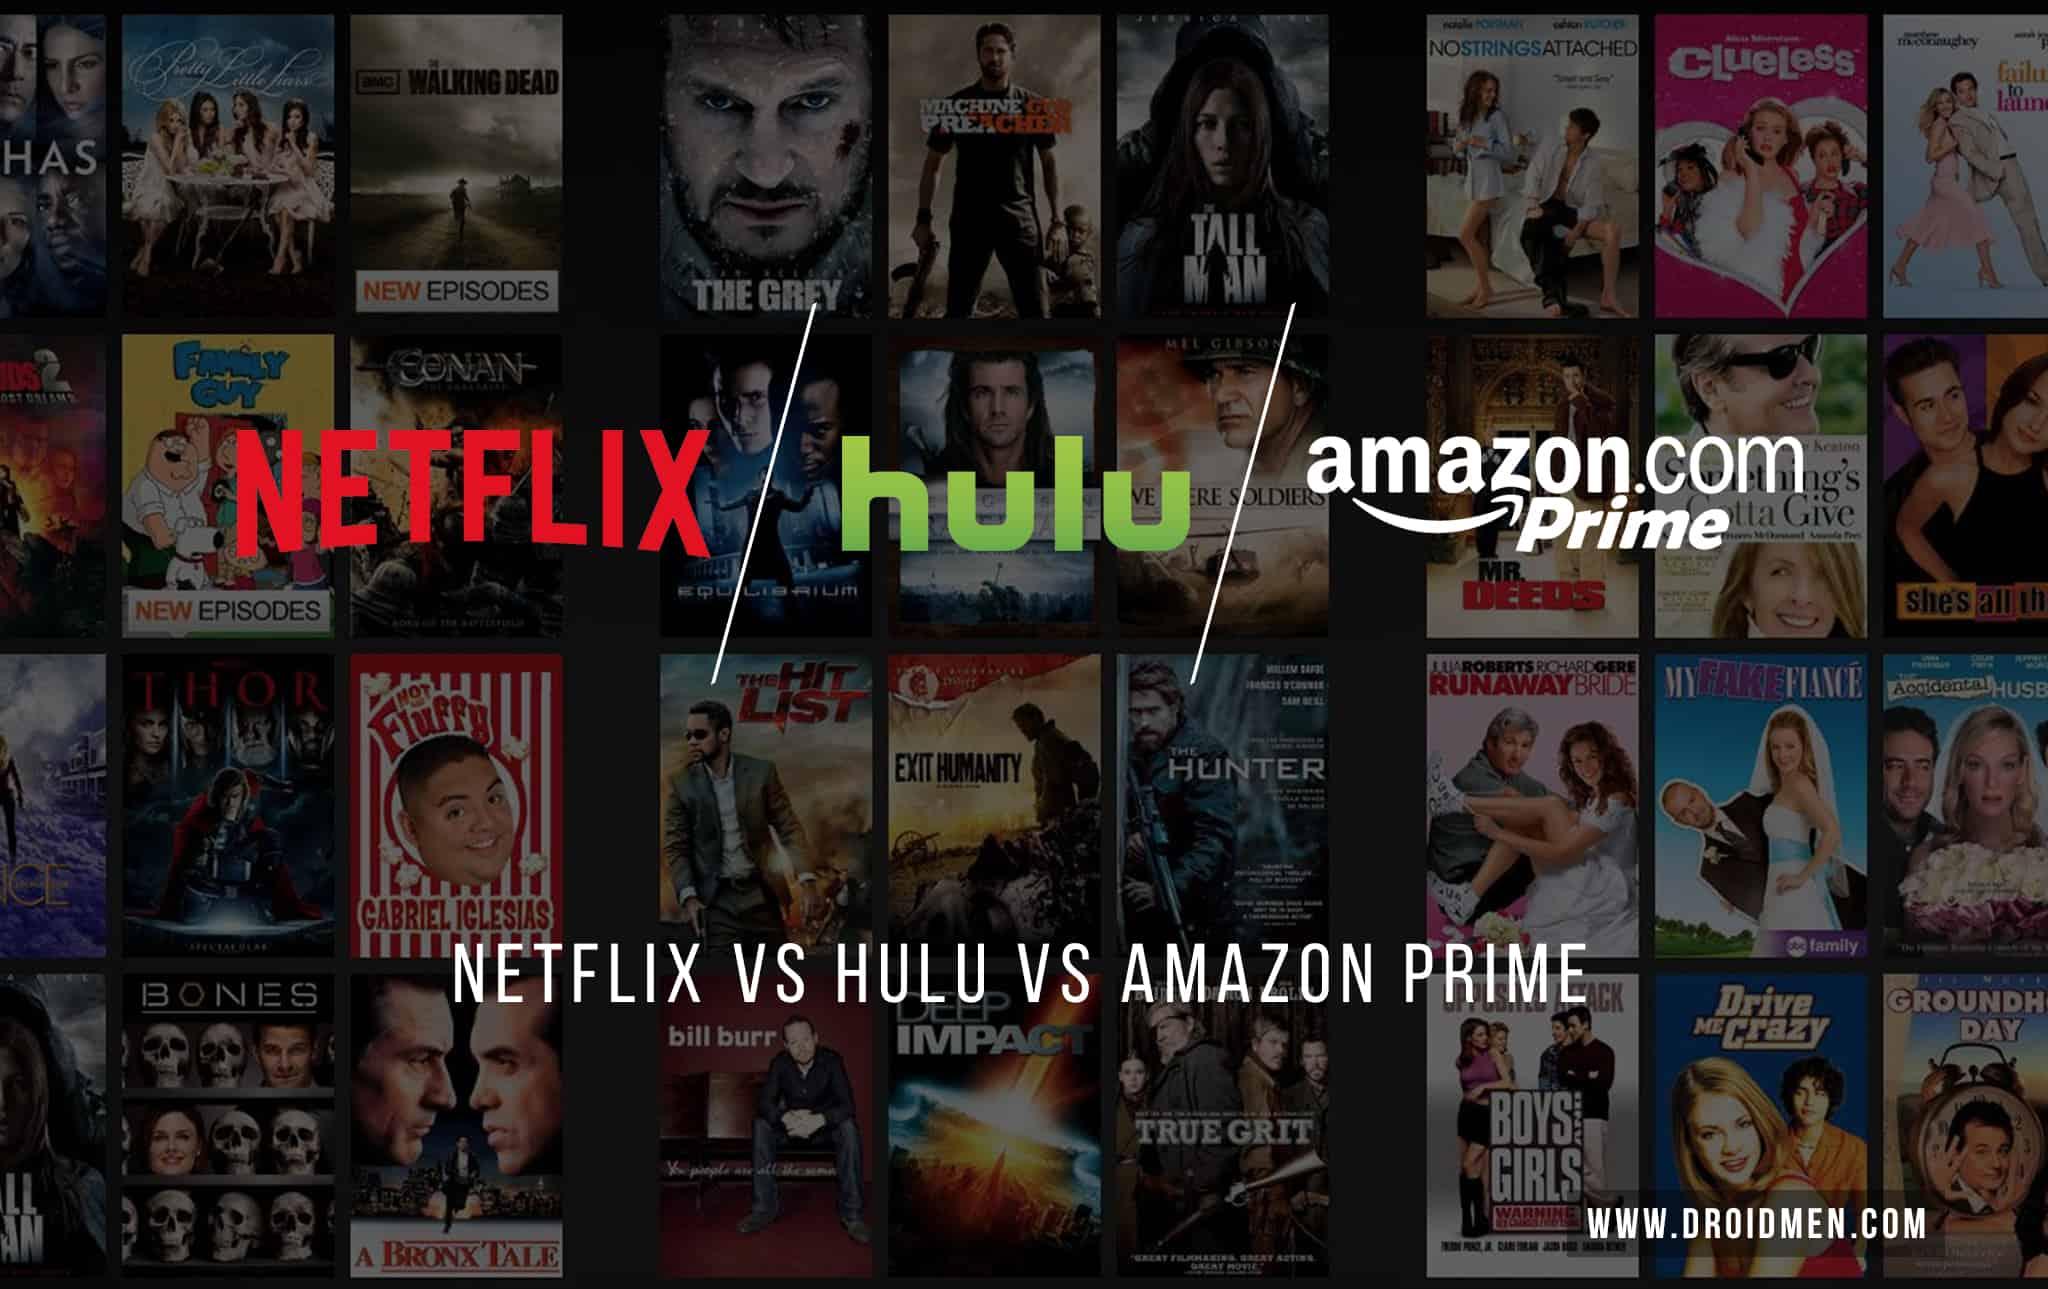 Netflix-vs-Hulu-Plus-vs-Amazon-Prime